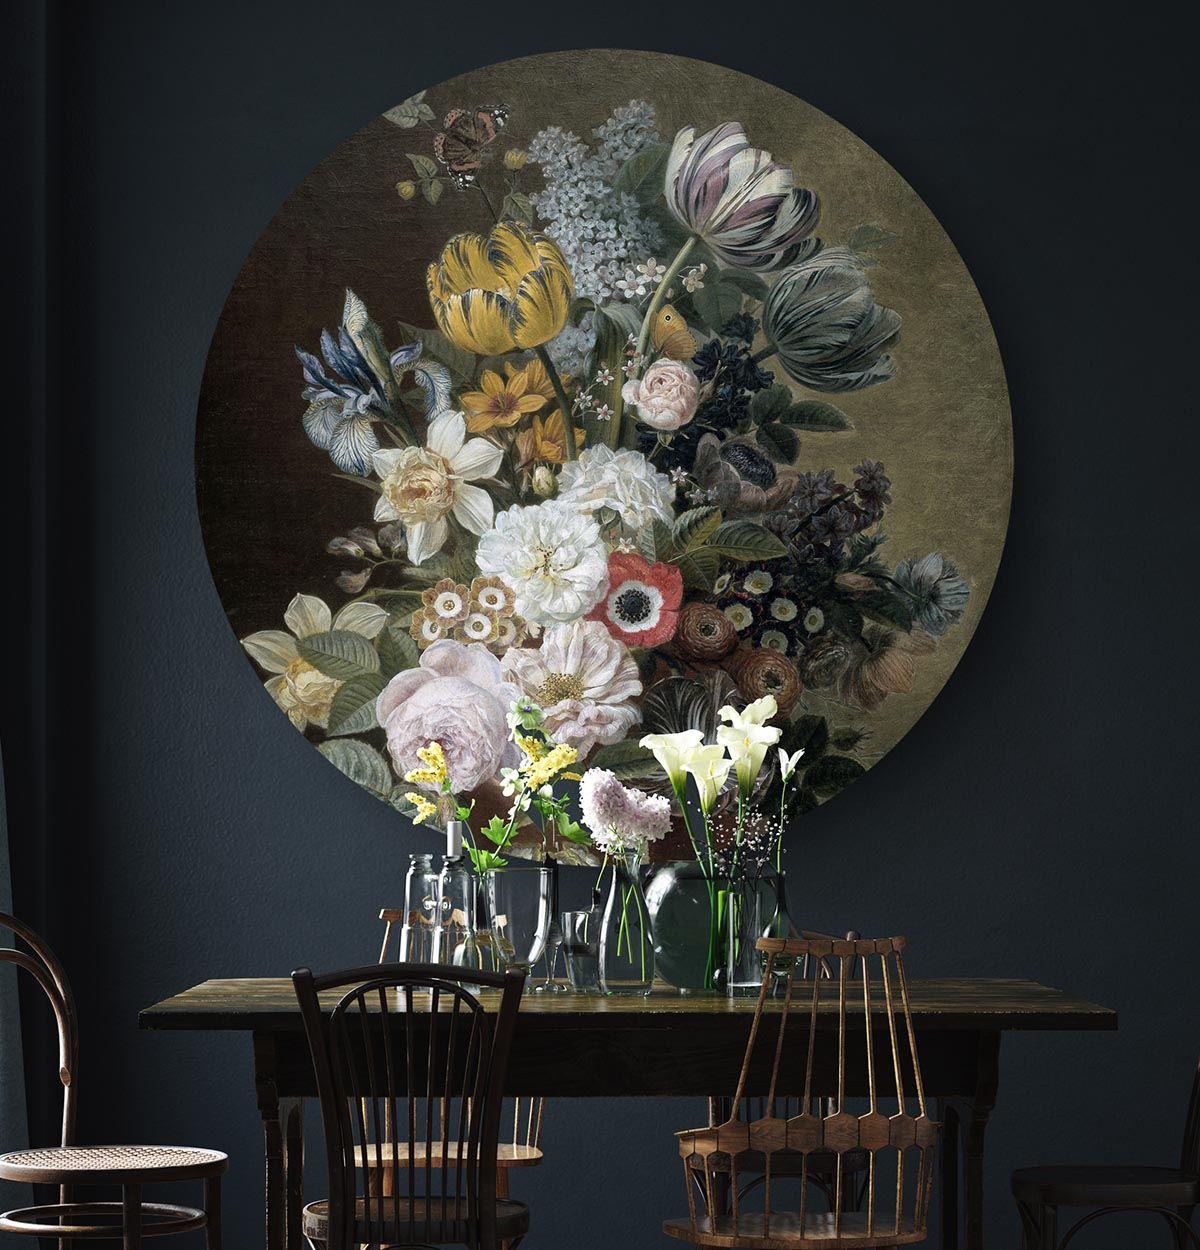 Rond Schilderij Stilleven Met Bloemen Eelkema Dining Room Flowers Hip Orgnl Wanddecoraties Woonkamer Decoratie Bloemen Behang